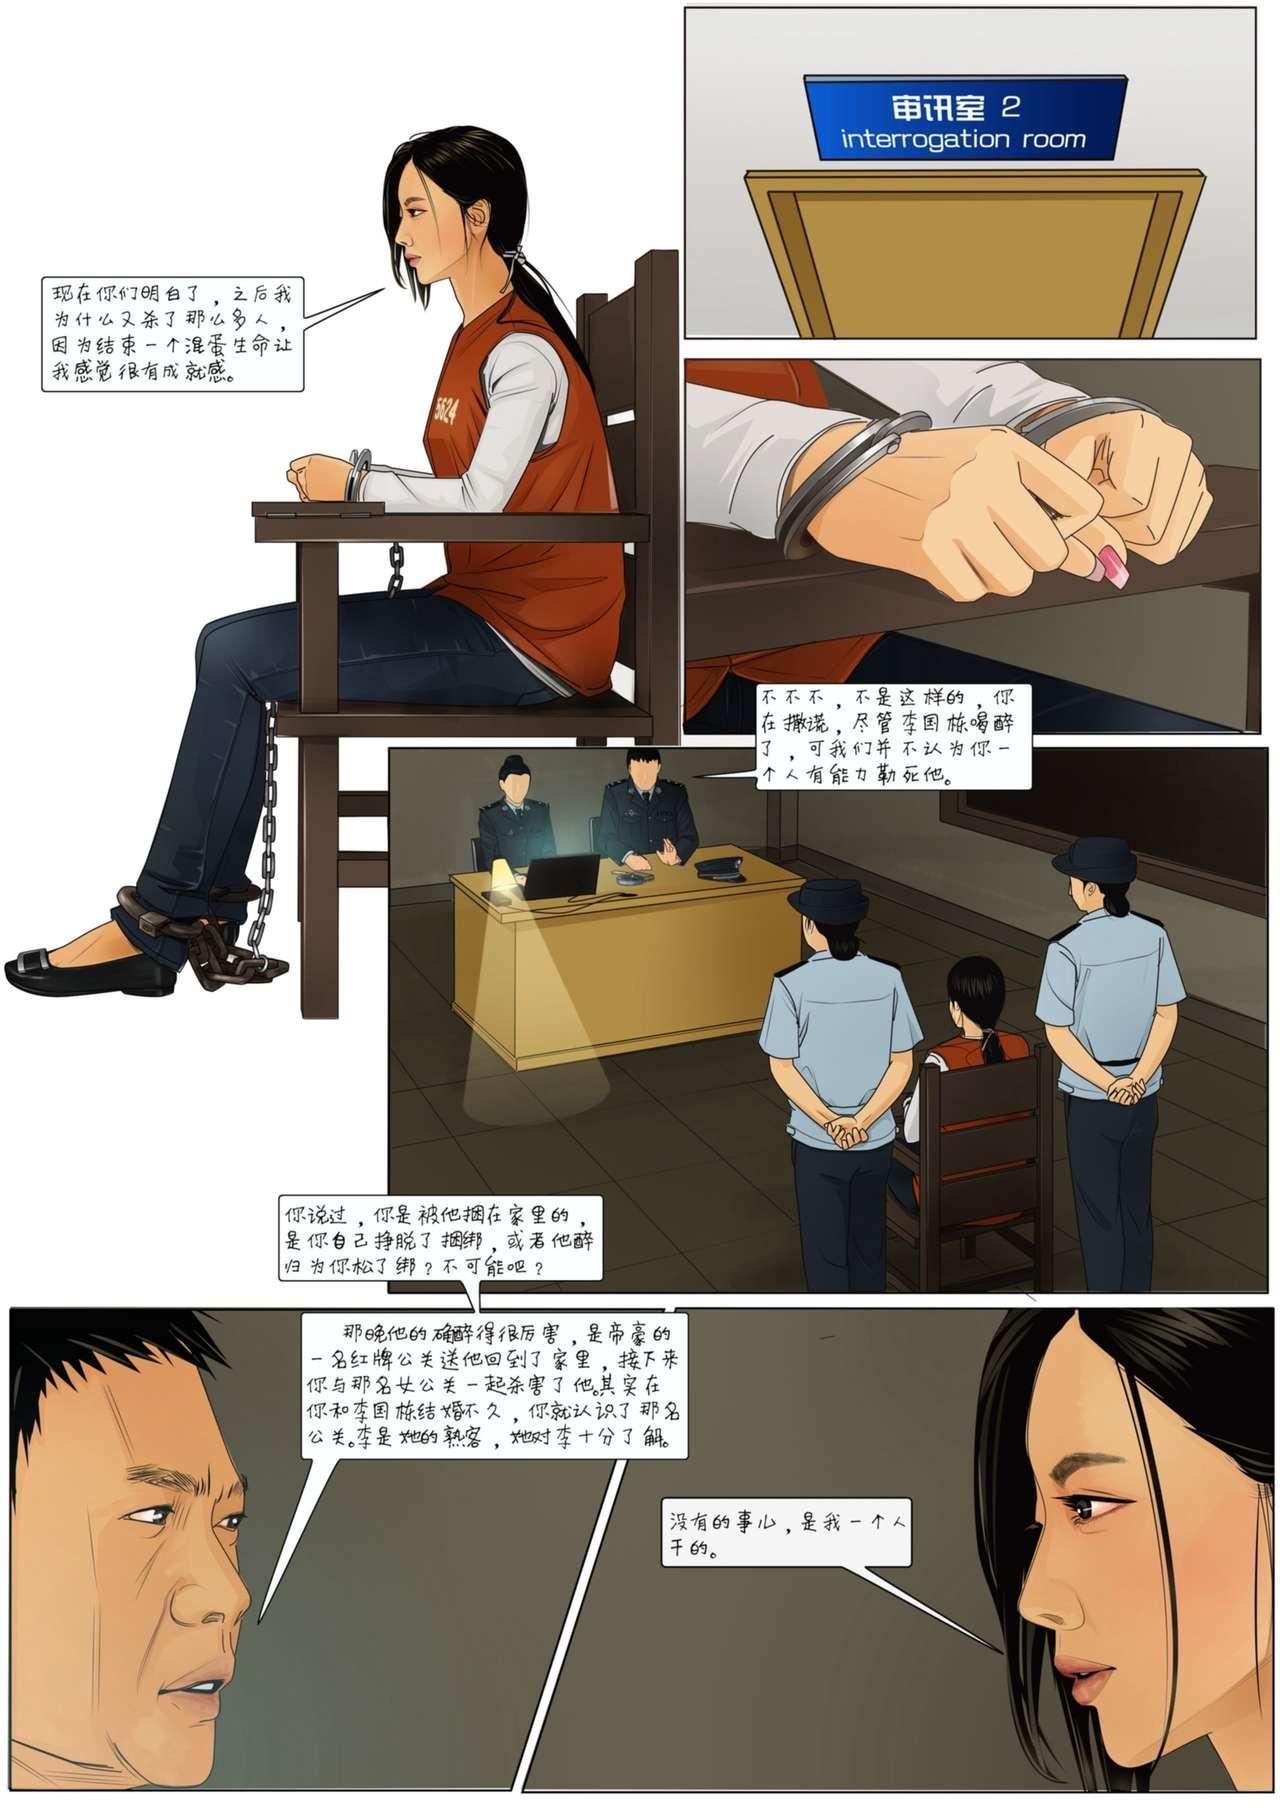 [枫语]Three Female Prisoners 3 [Chinese]中文 16